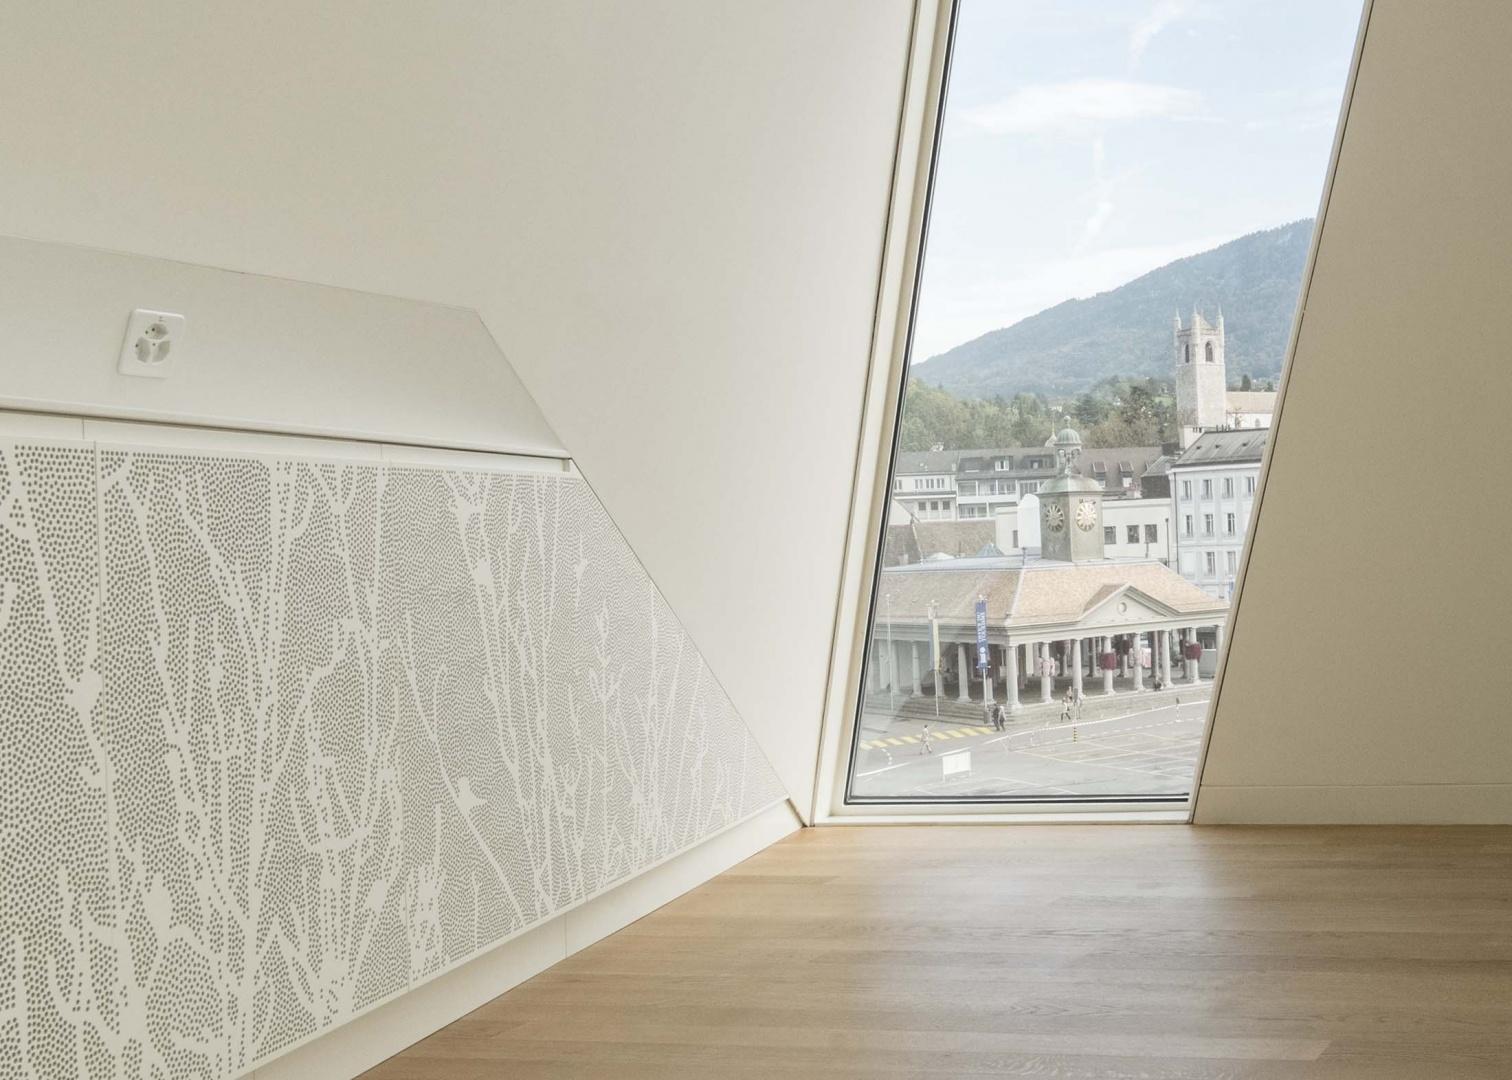 Detail im Salon Saint-Saëns © architecum, Montreux